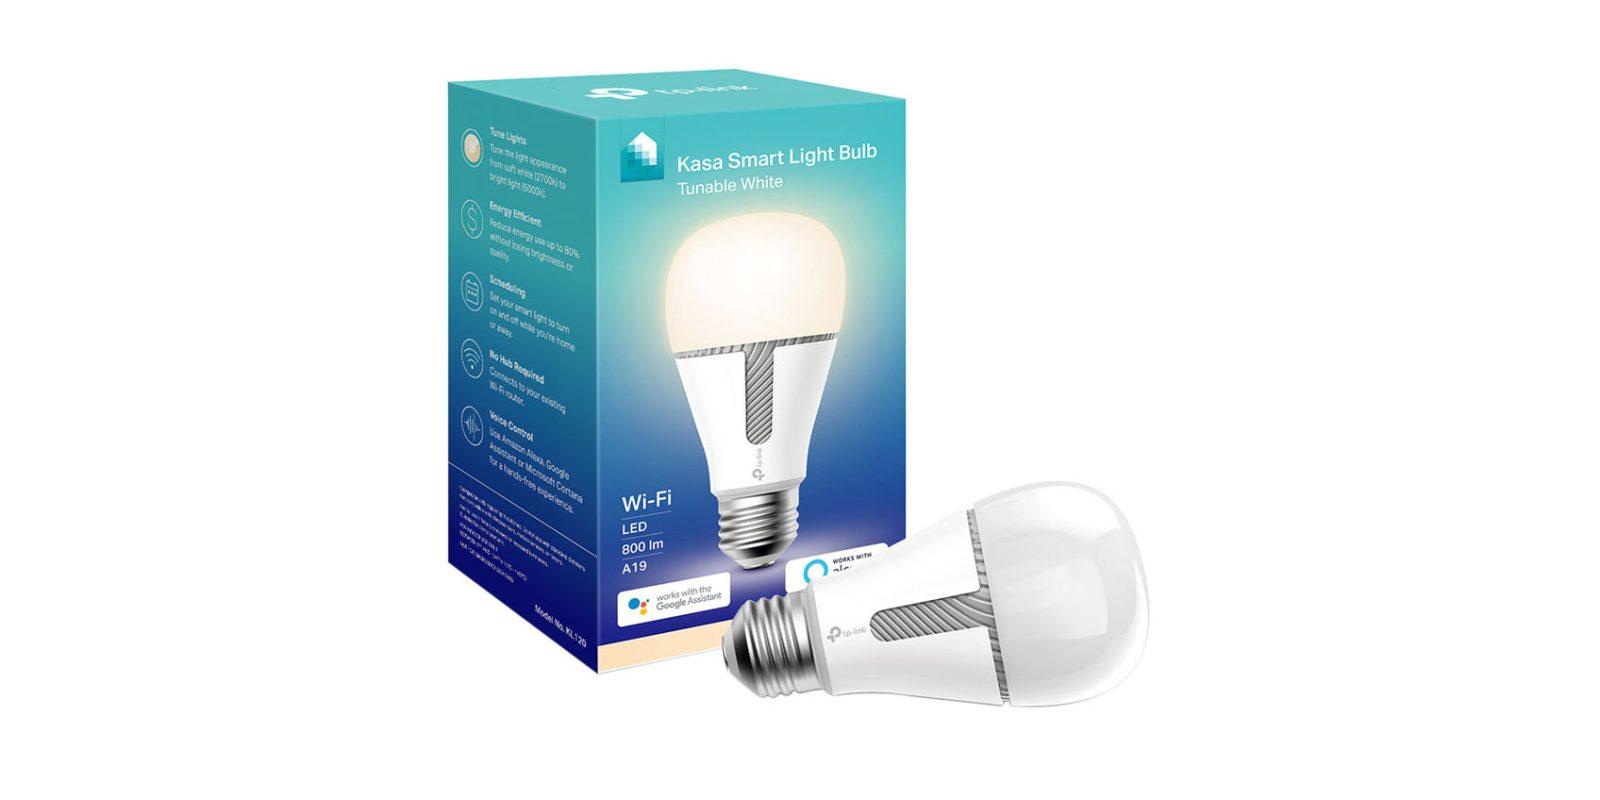 Green Deals: 2-pack TP-Link Kasa Smart LED Light Bulbs $35